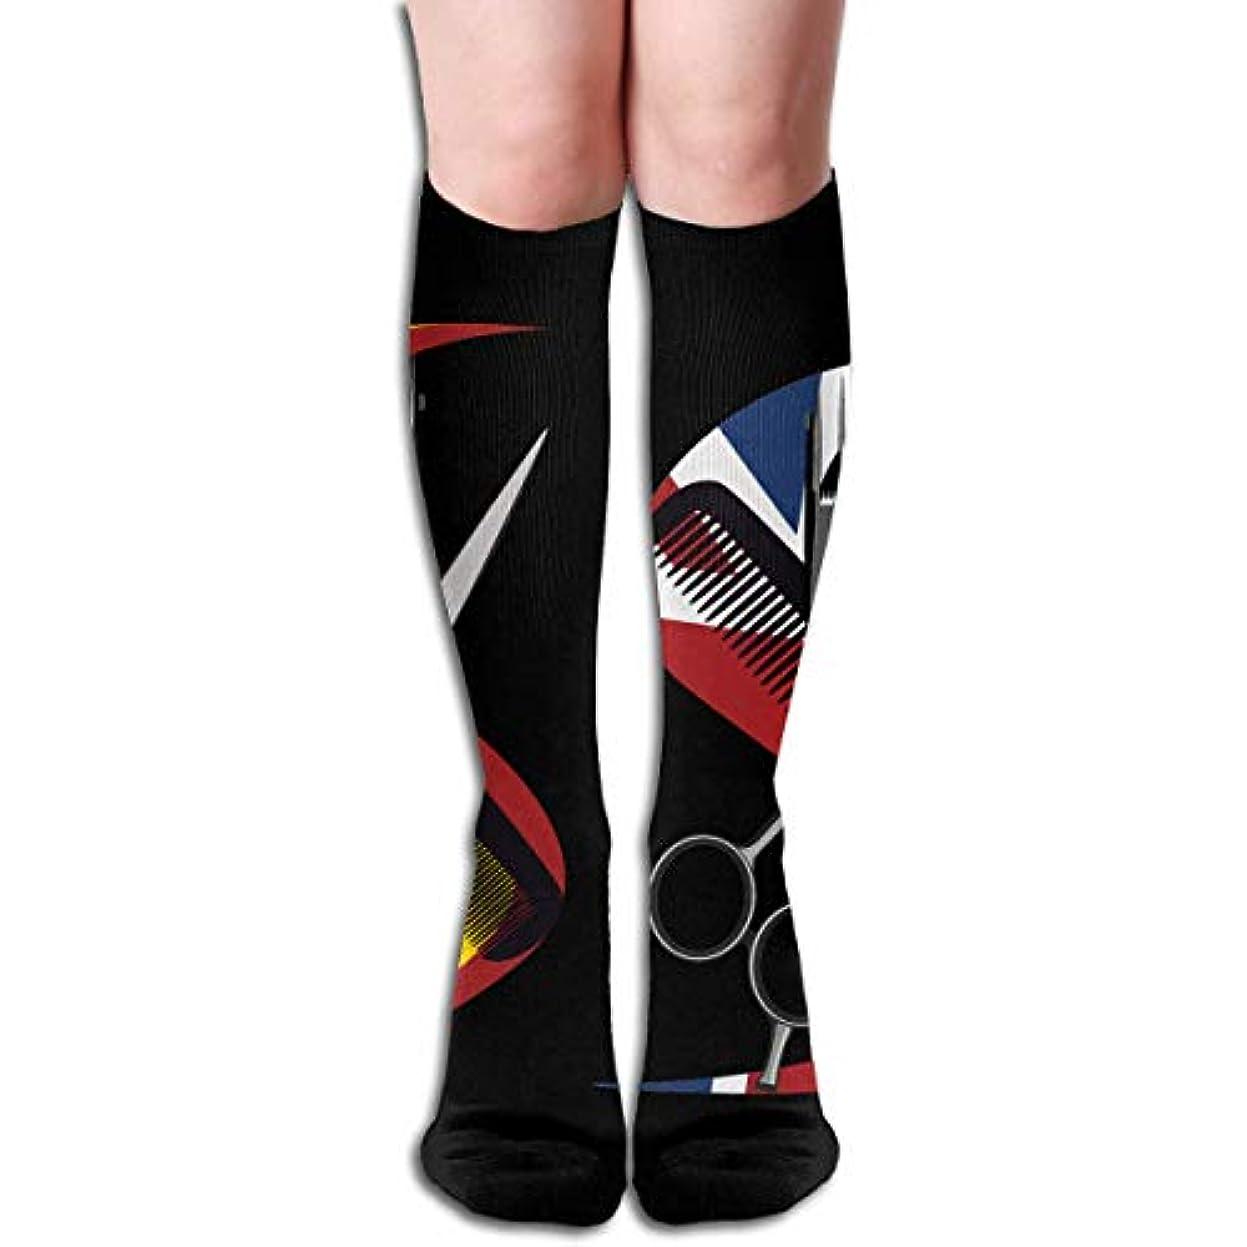 突っ込む練習した知性スカイラインクリスマス靴下靴下靴下靴下靴下冬靴下